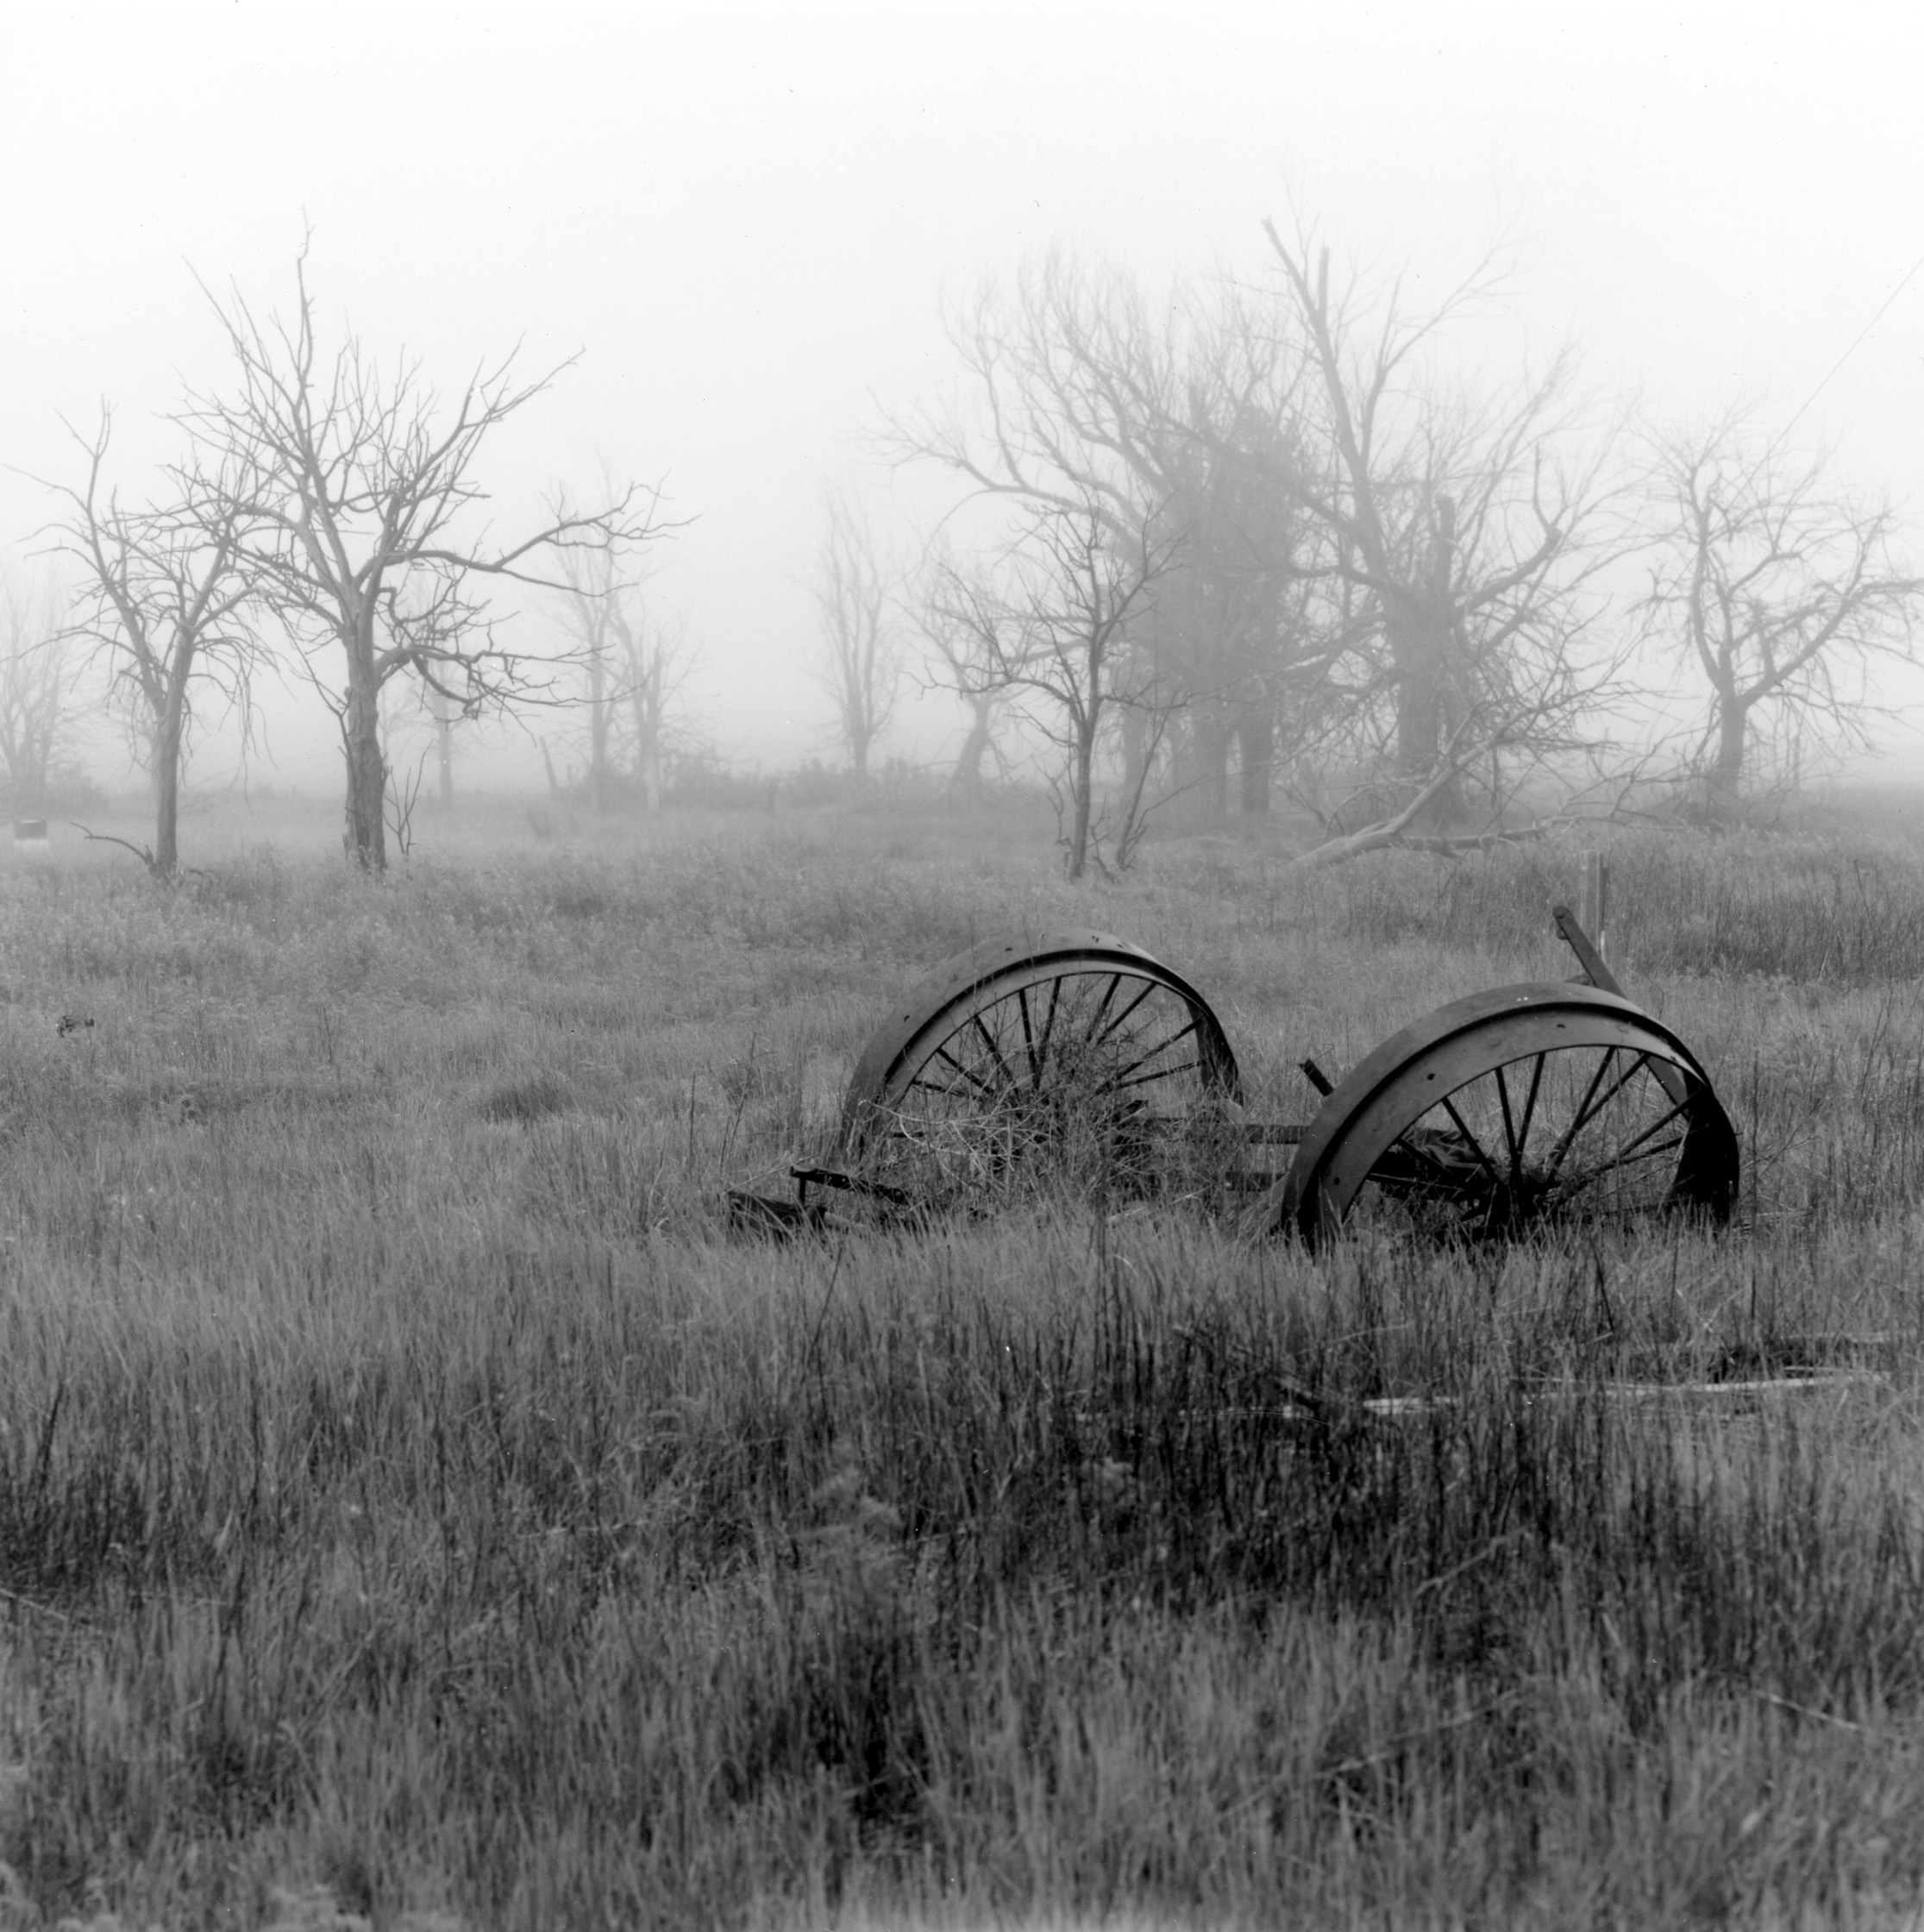 Pawnee Grass land